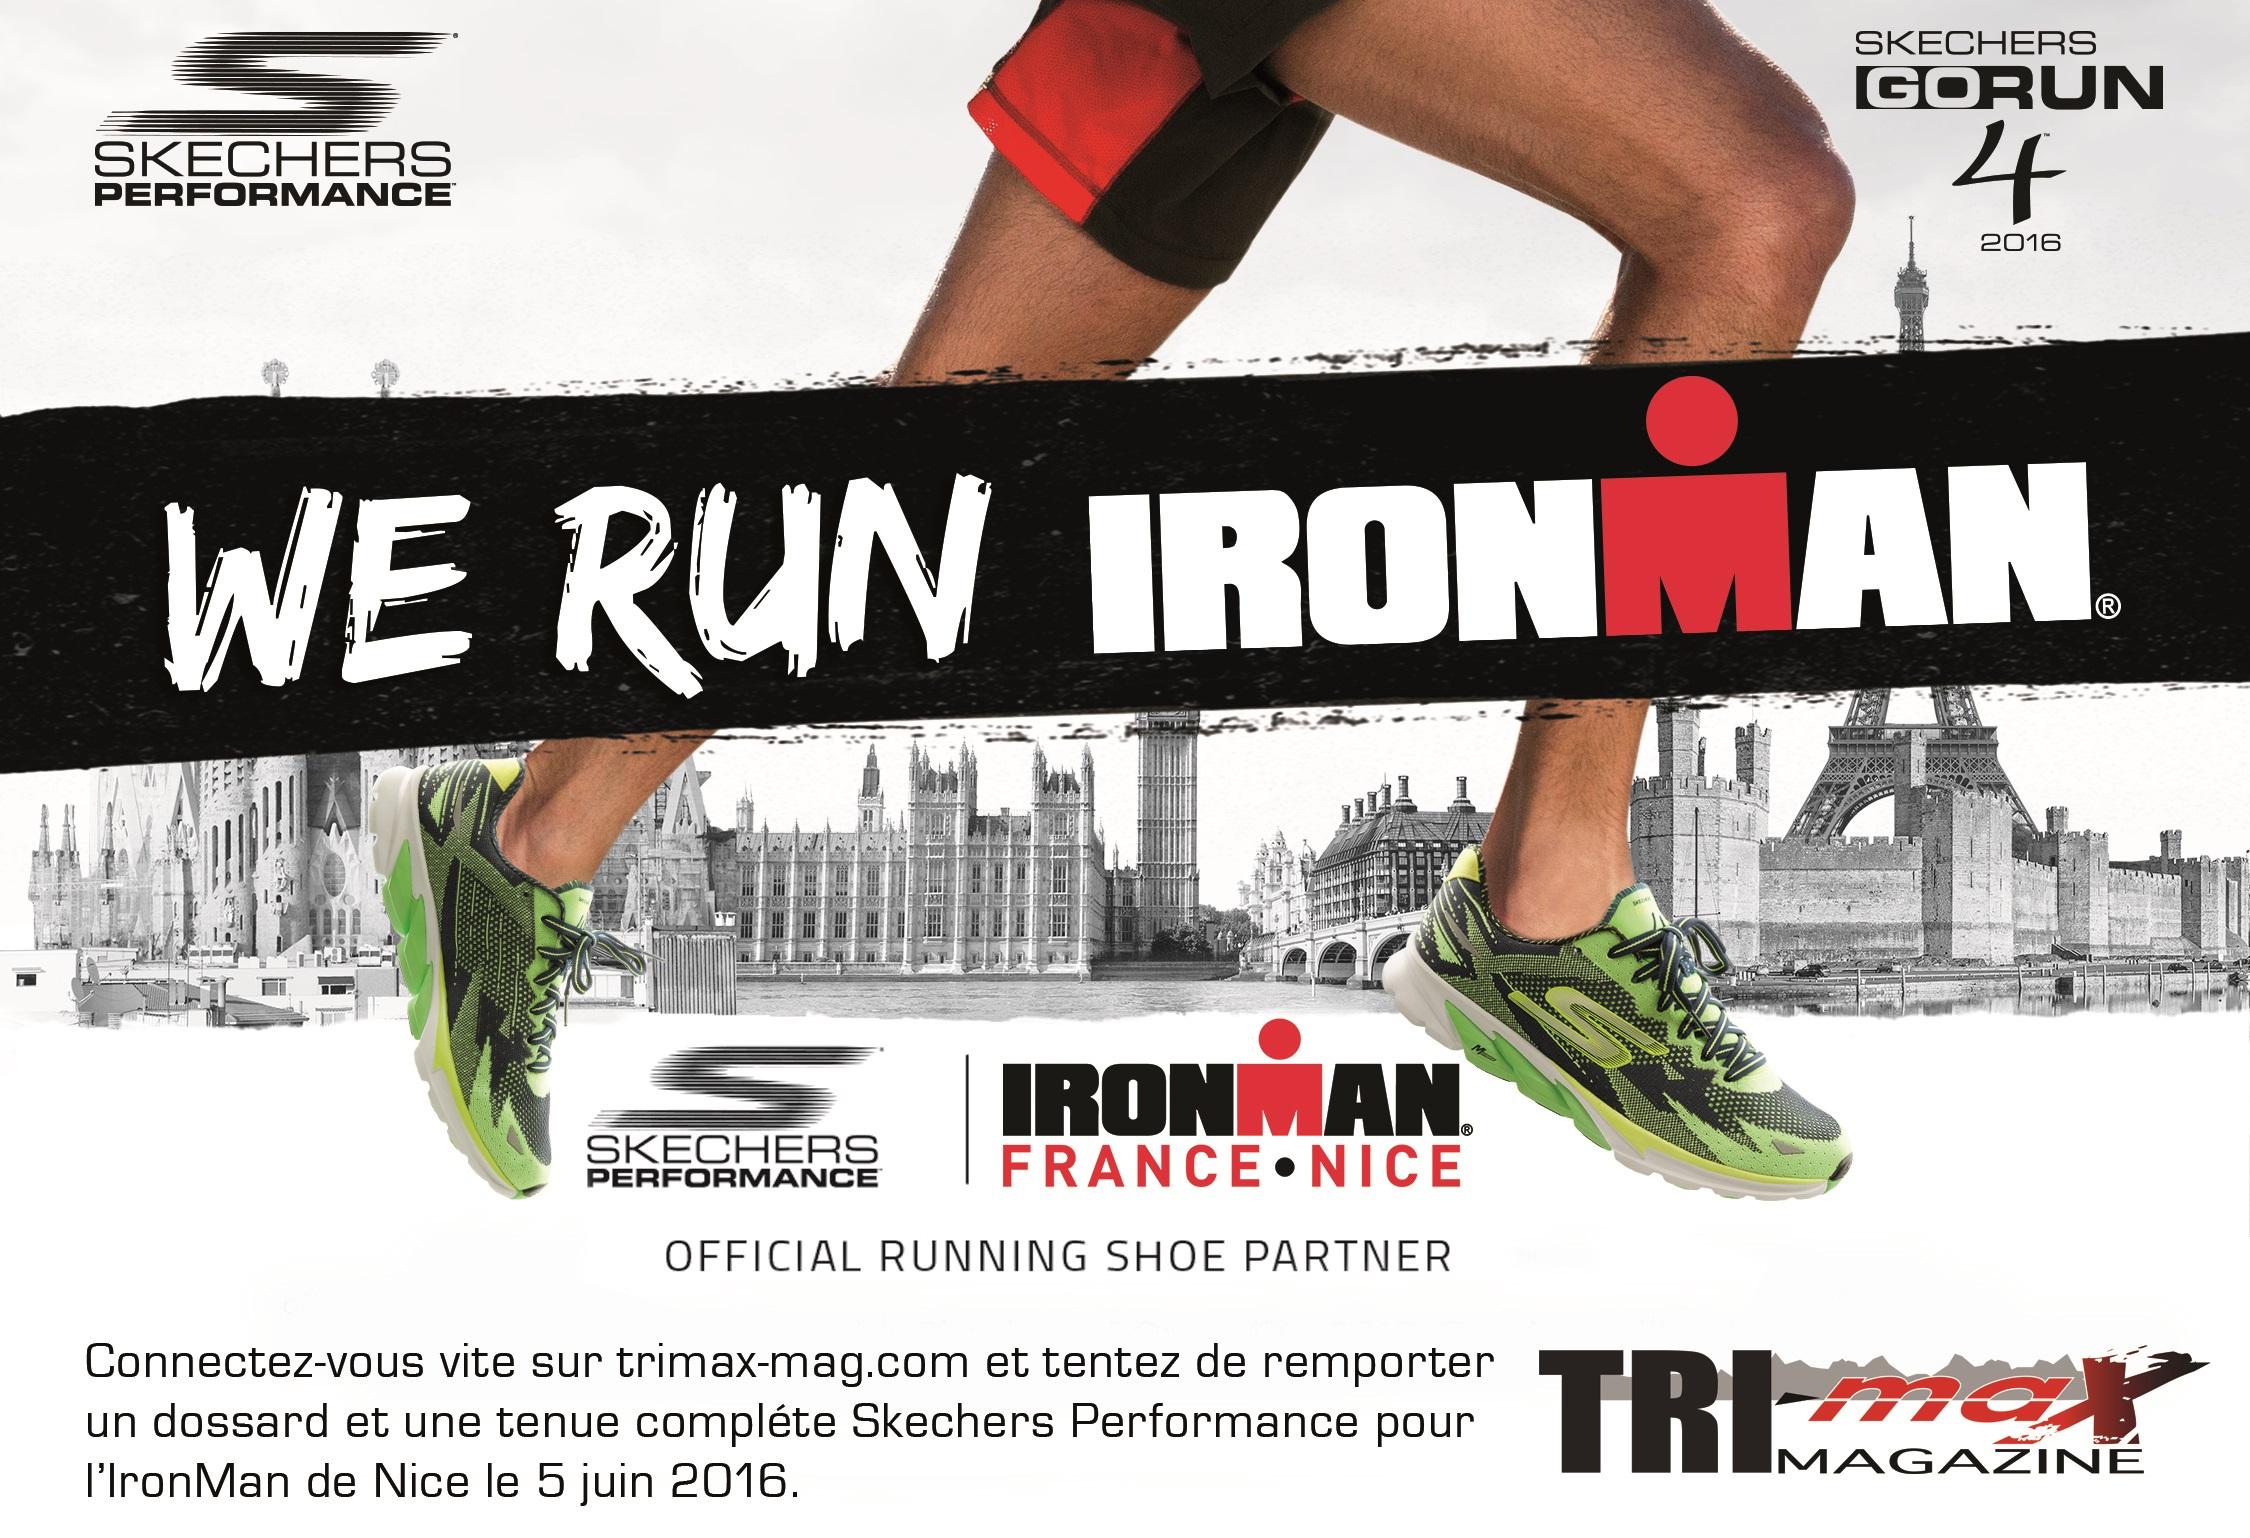 Gagnez le dernier dossard pour l'Ironman France avec TRI-Max Magazine et Skechers